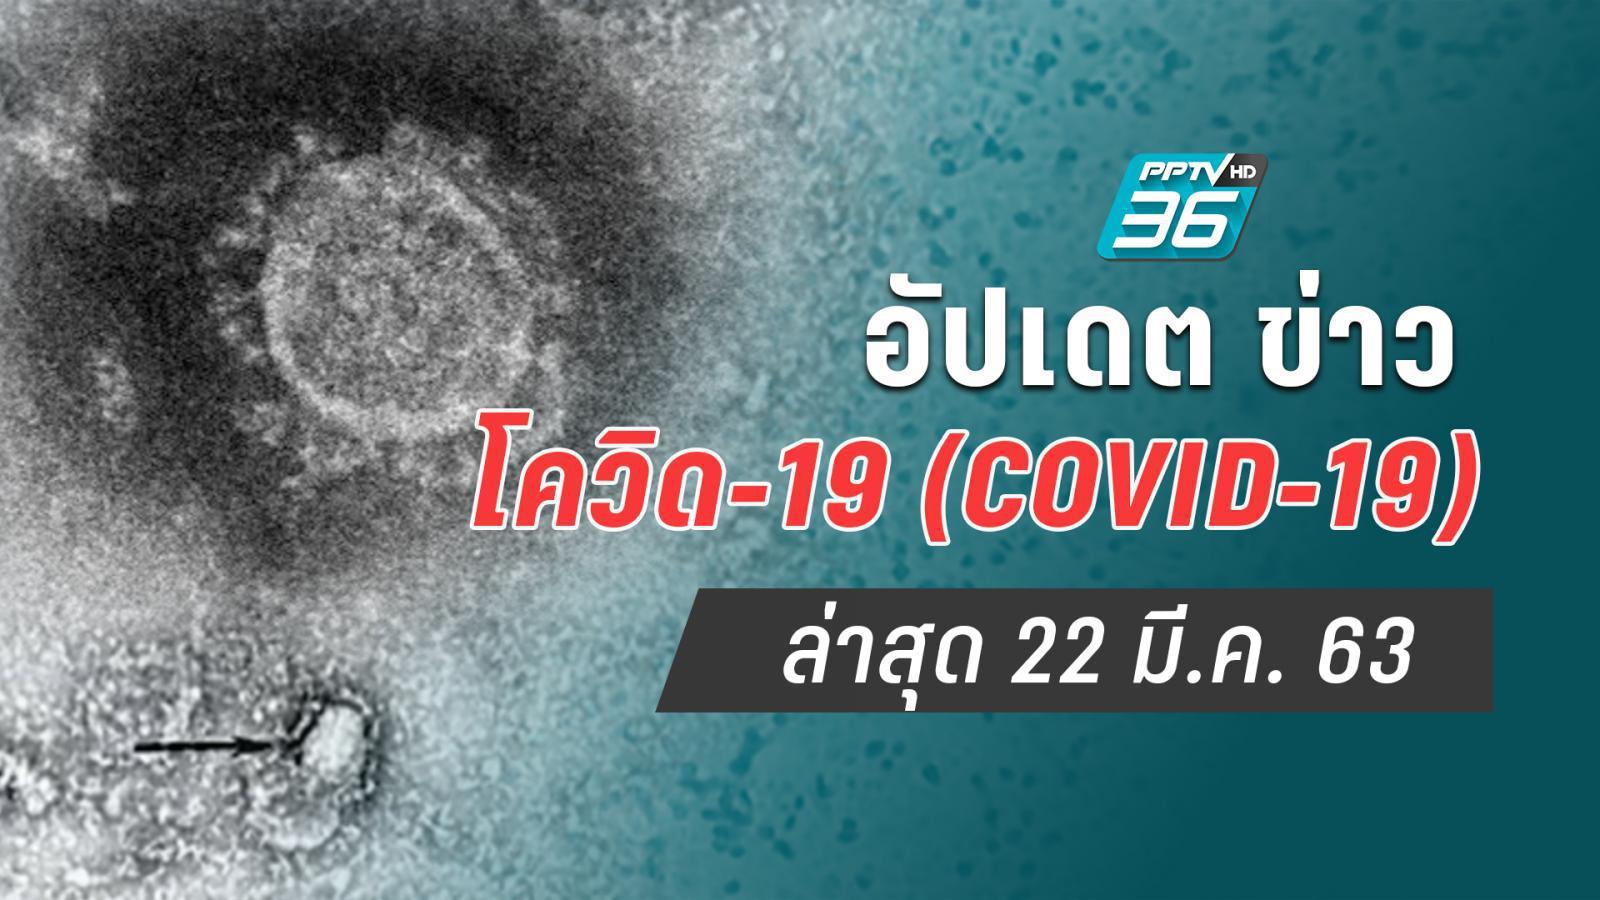 อัปเดตข่าวโควิด-19 (COVID-19) ล่าสุด 22มี.ค. 63